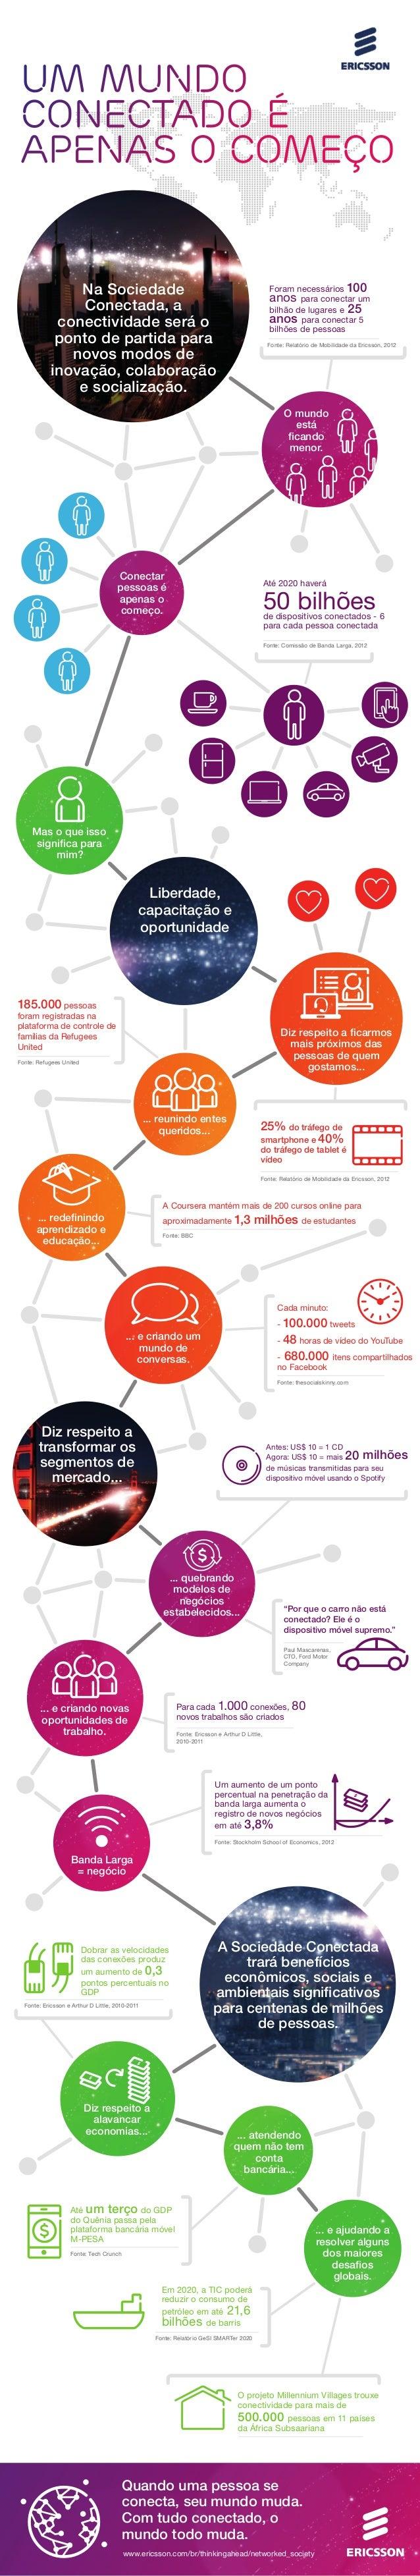 Um aumento de um ponto percentual na penetração da banda larga aumenta o registro de novos negócios em até 3,8% Fonte: Sto...